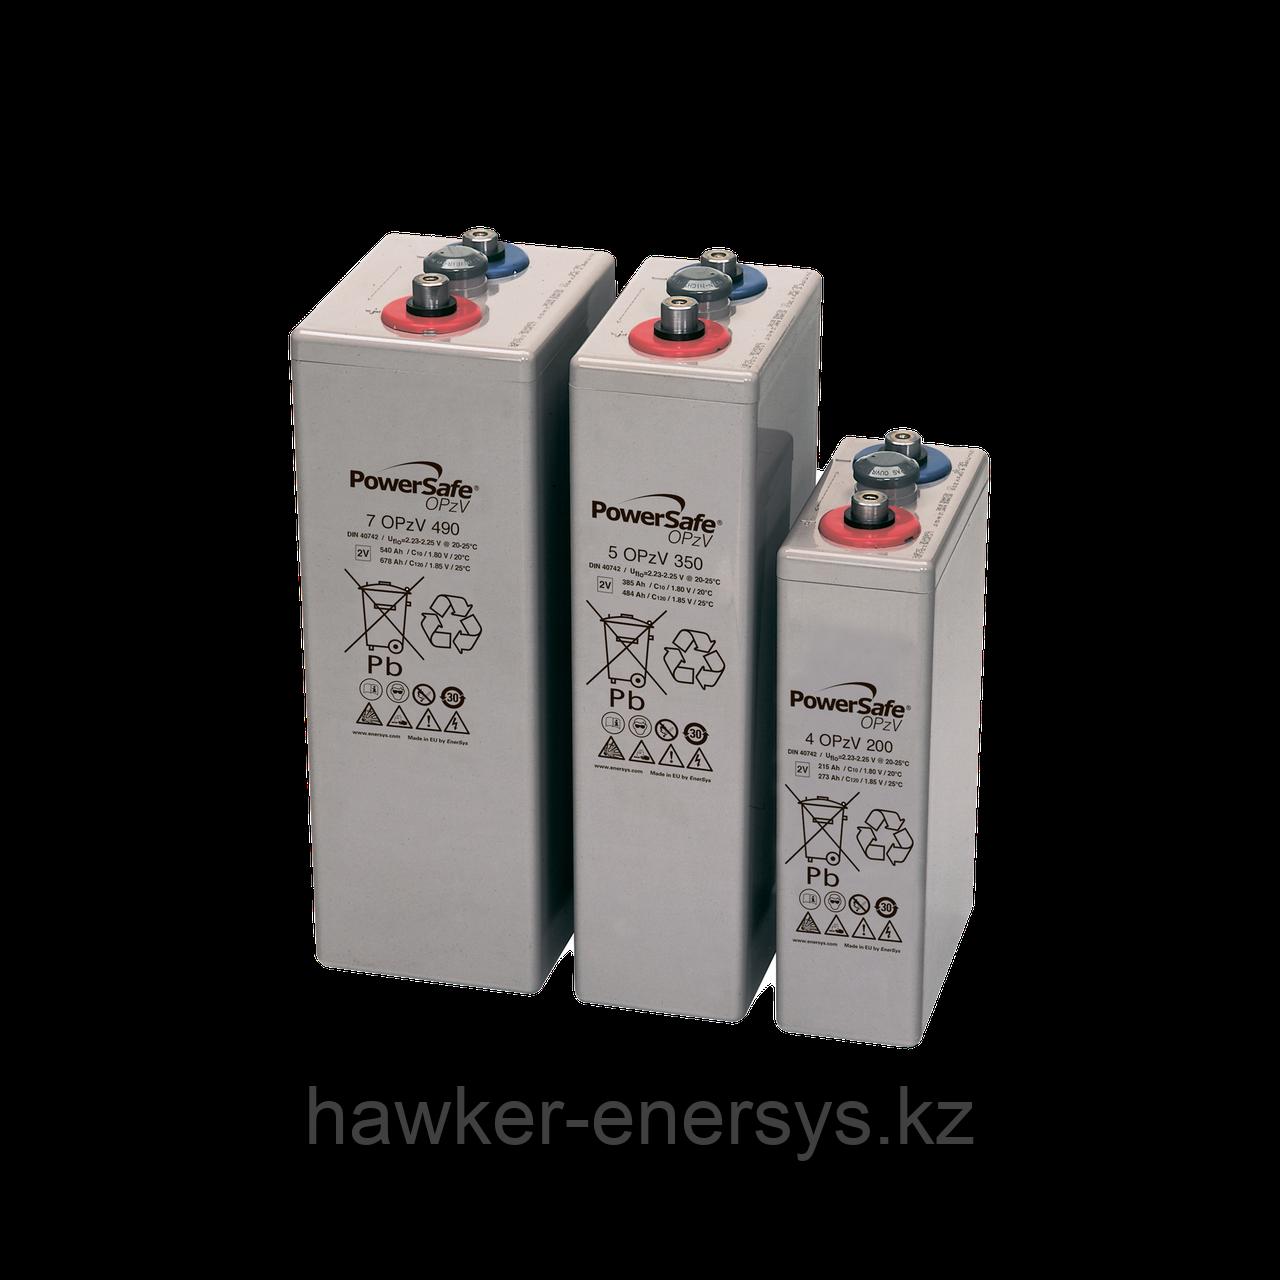 Аккумуляторная батарея PowerSafe 5 OPzV 350 (385Ah)